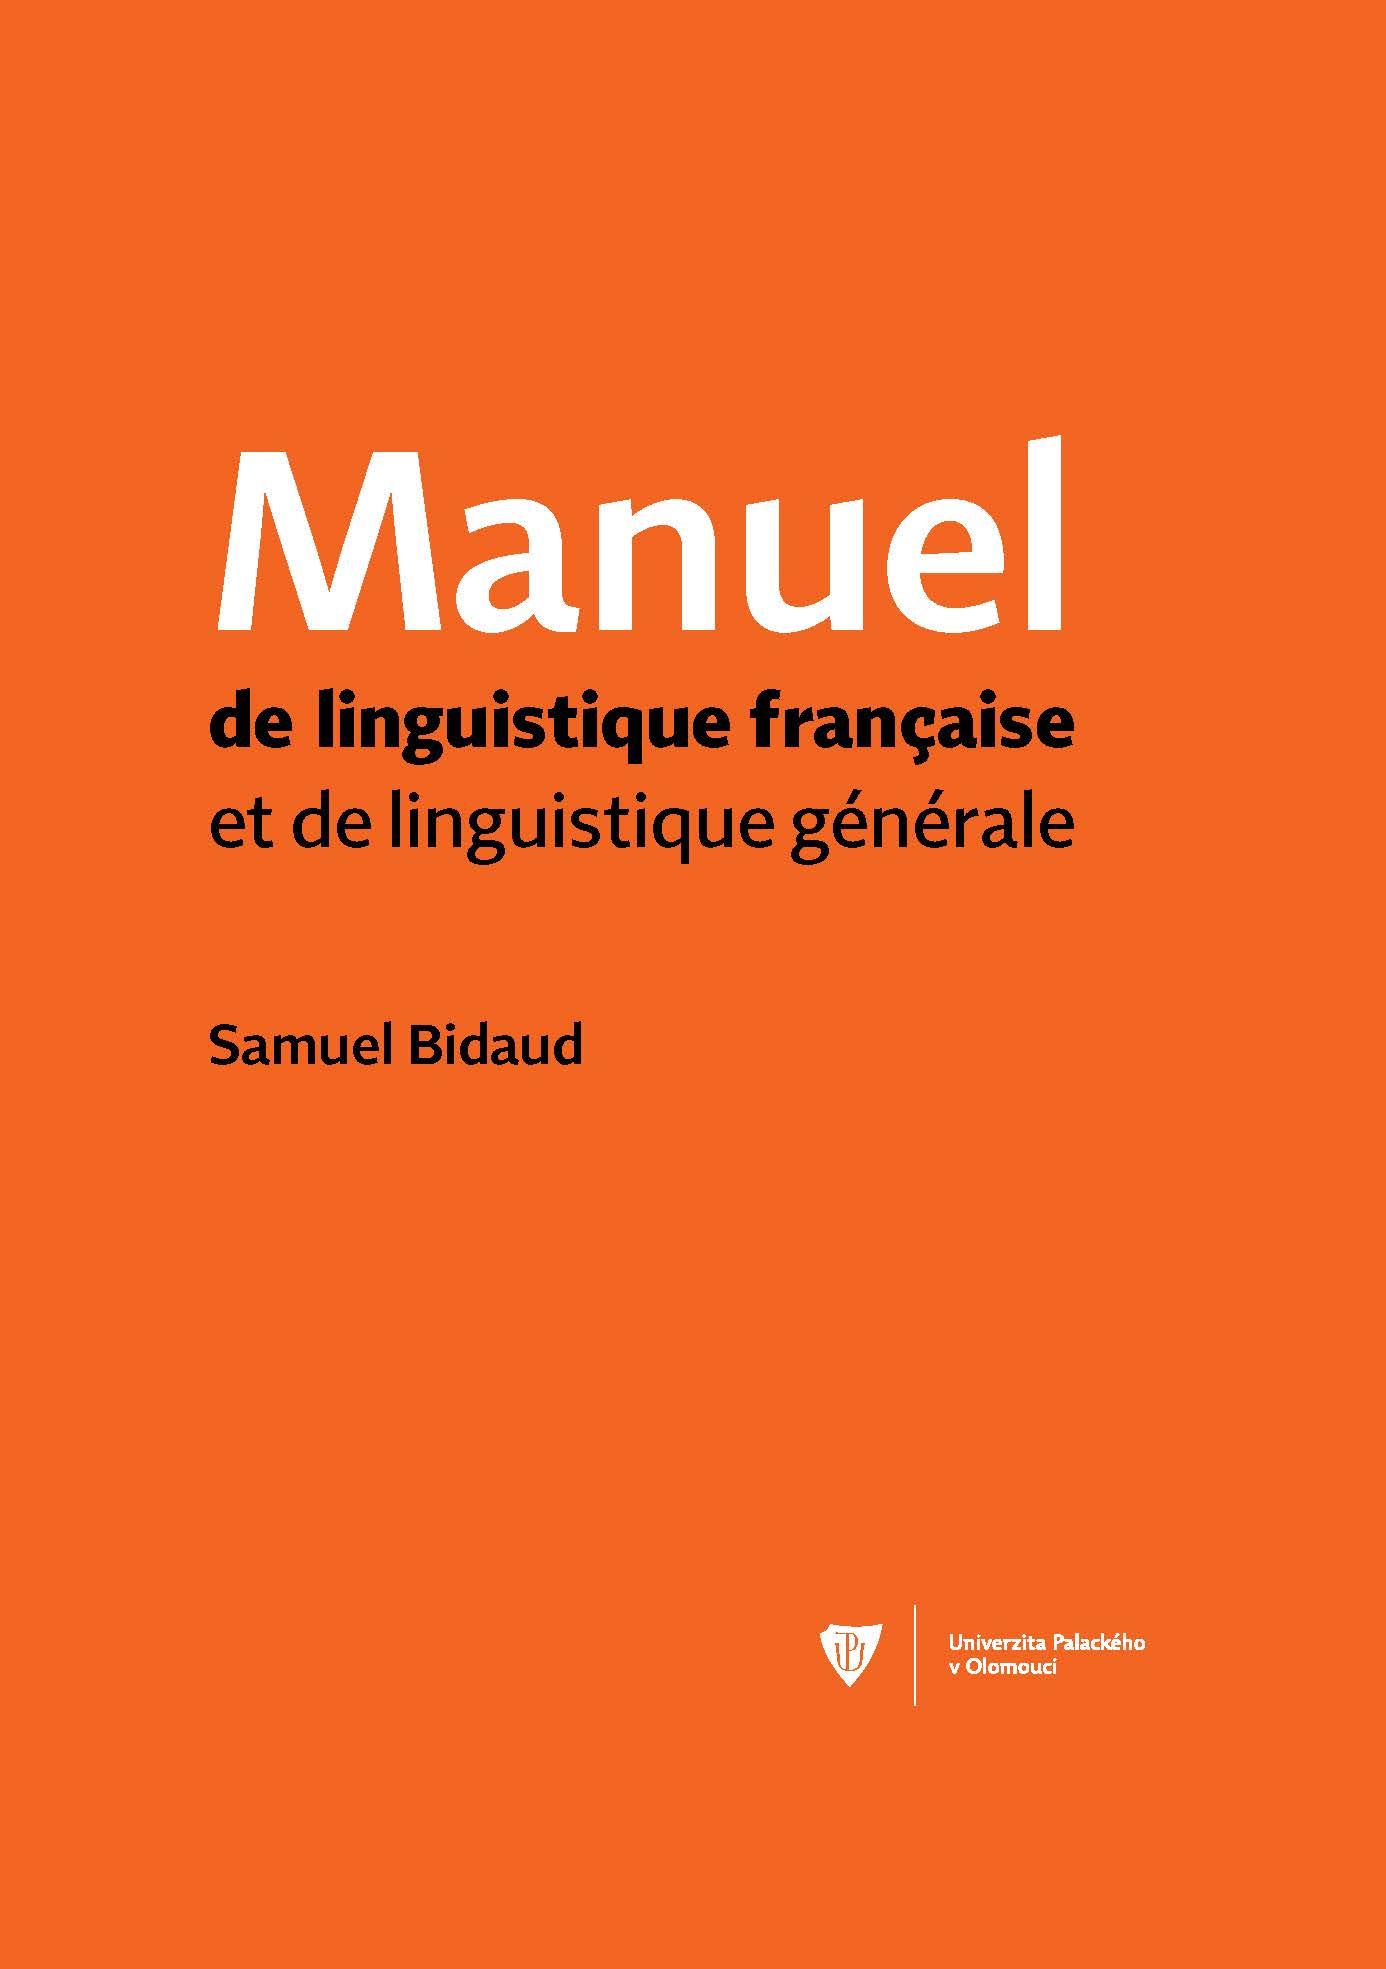 S. Bidaud, Manuel de linguistique française et de linguistique générale